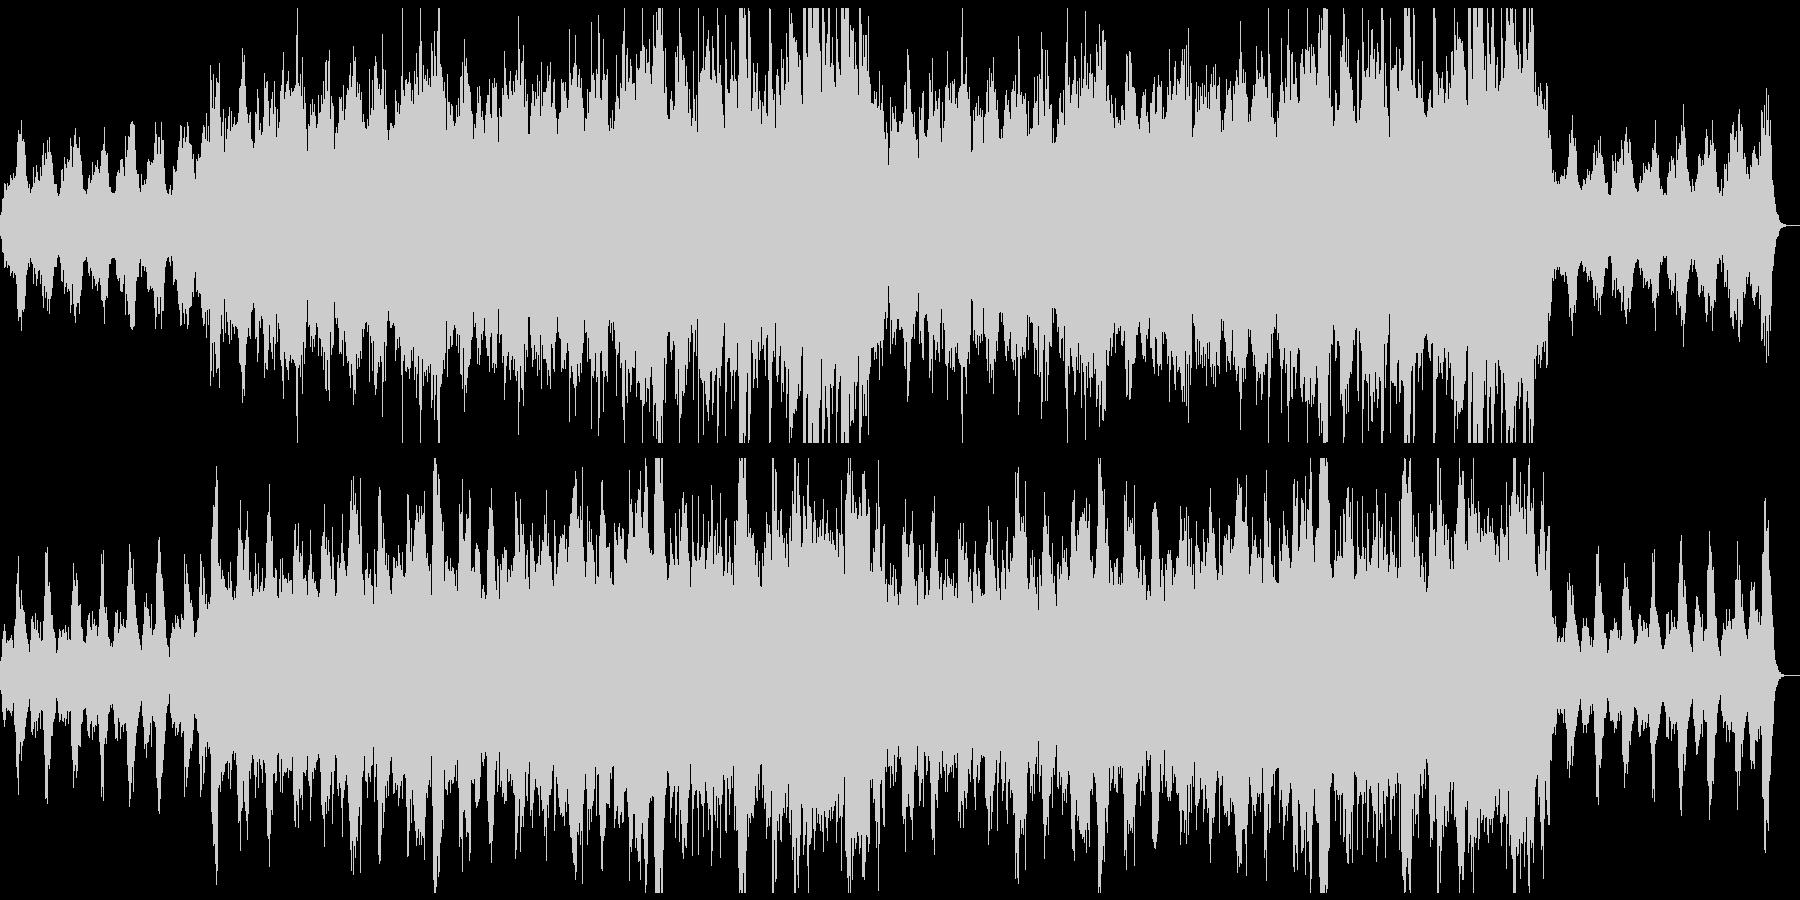 幻想的で悲しいファンタジーオーケストラの未再生の波形